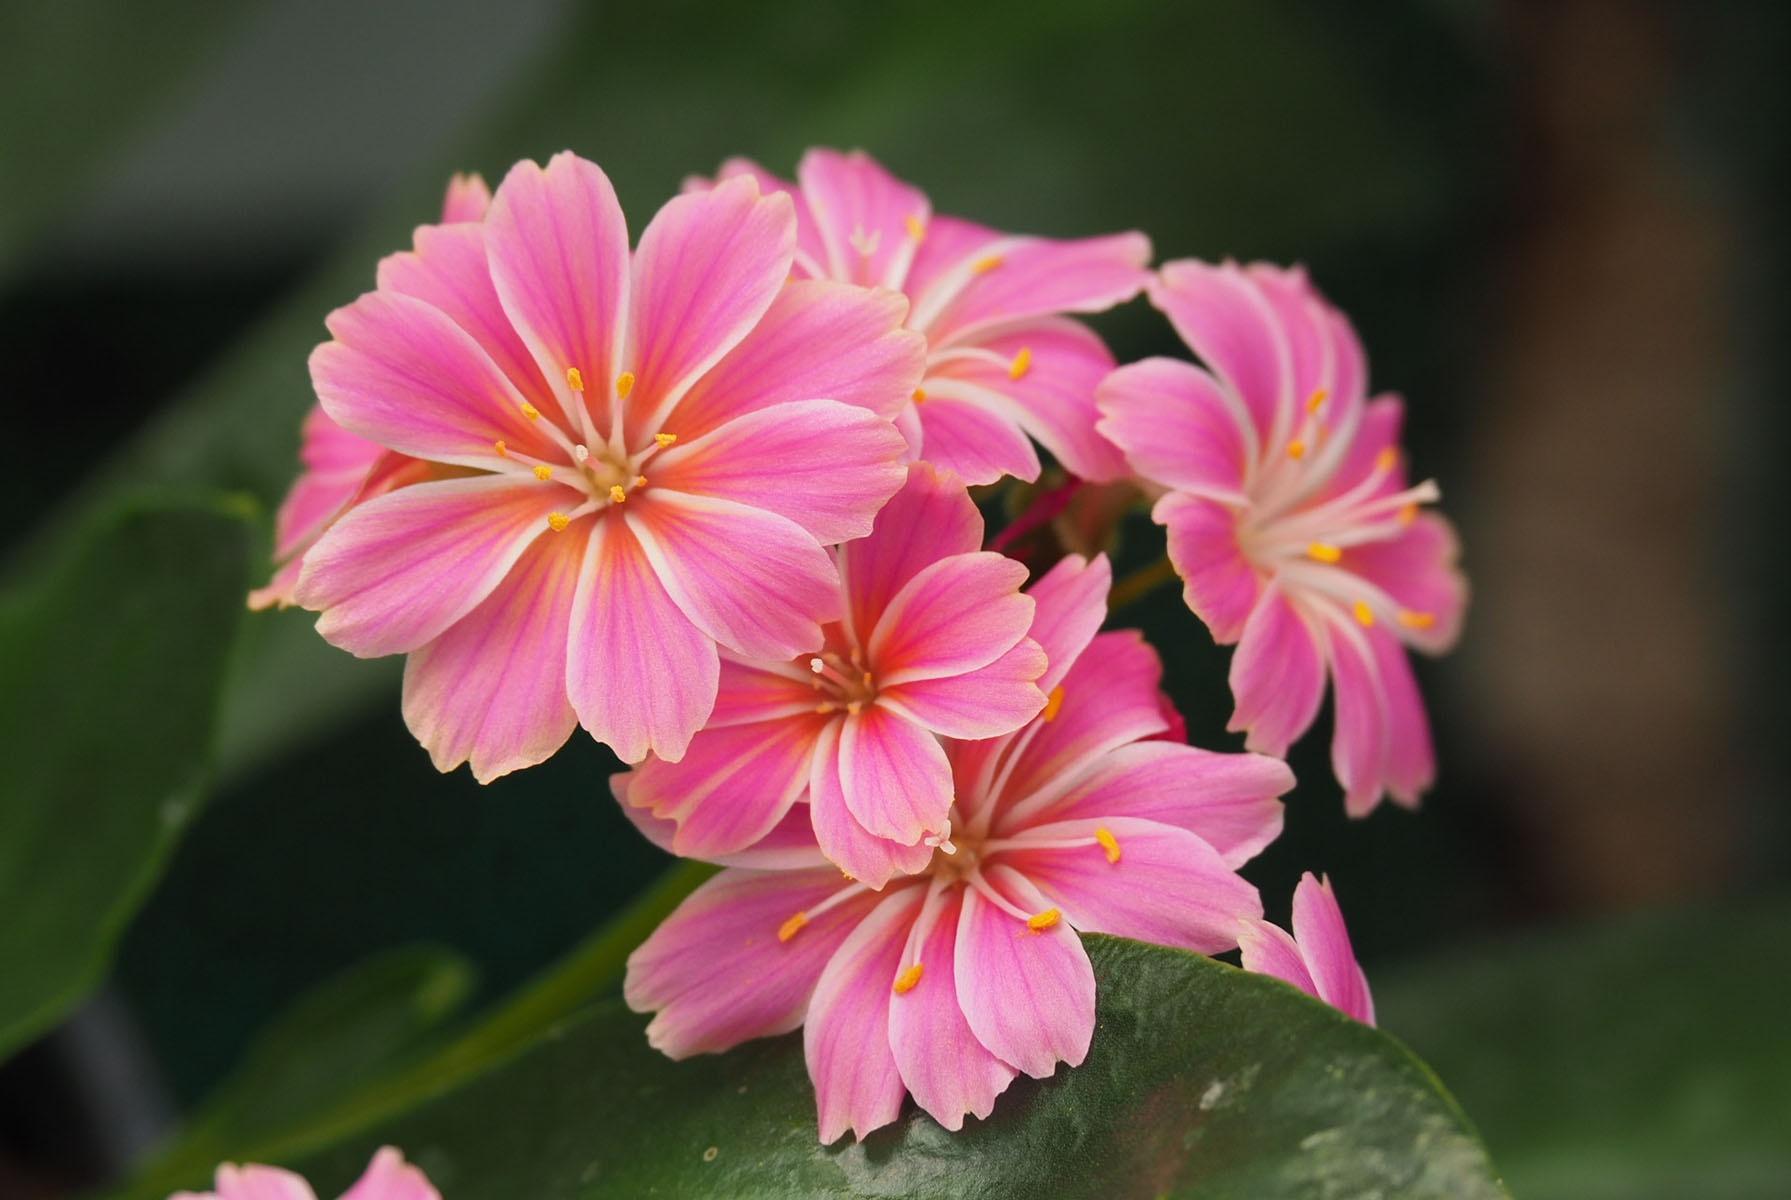 四月初春花得意,陌上花开,不染秋凉,岁月静好,愿与君语的星座